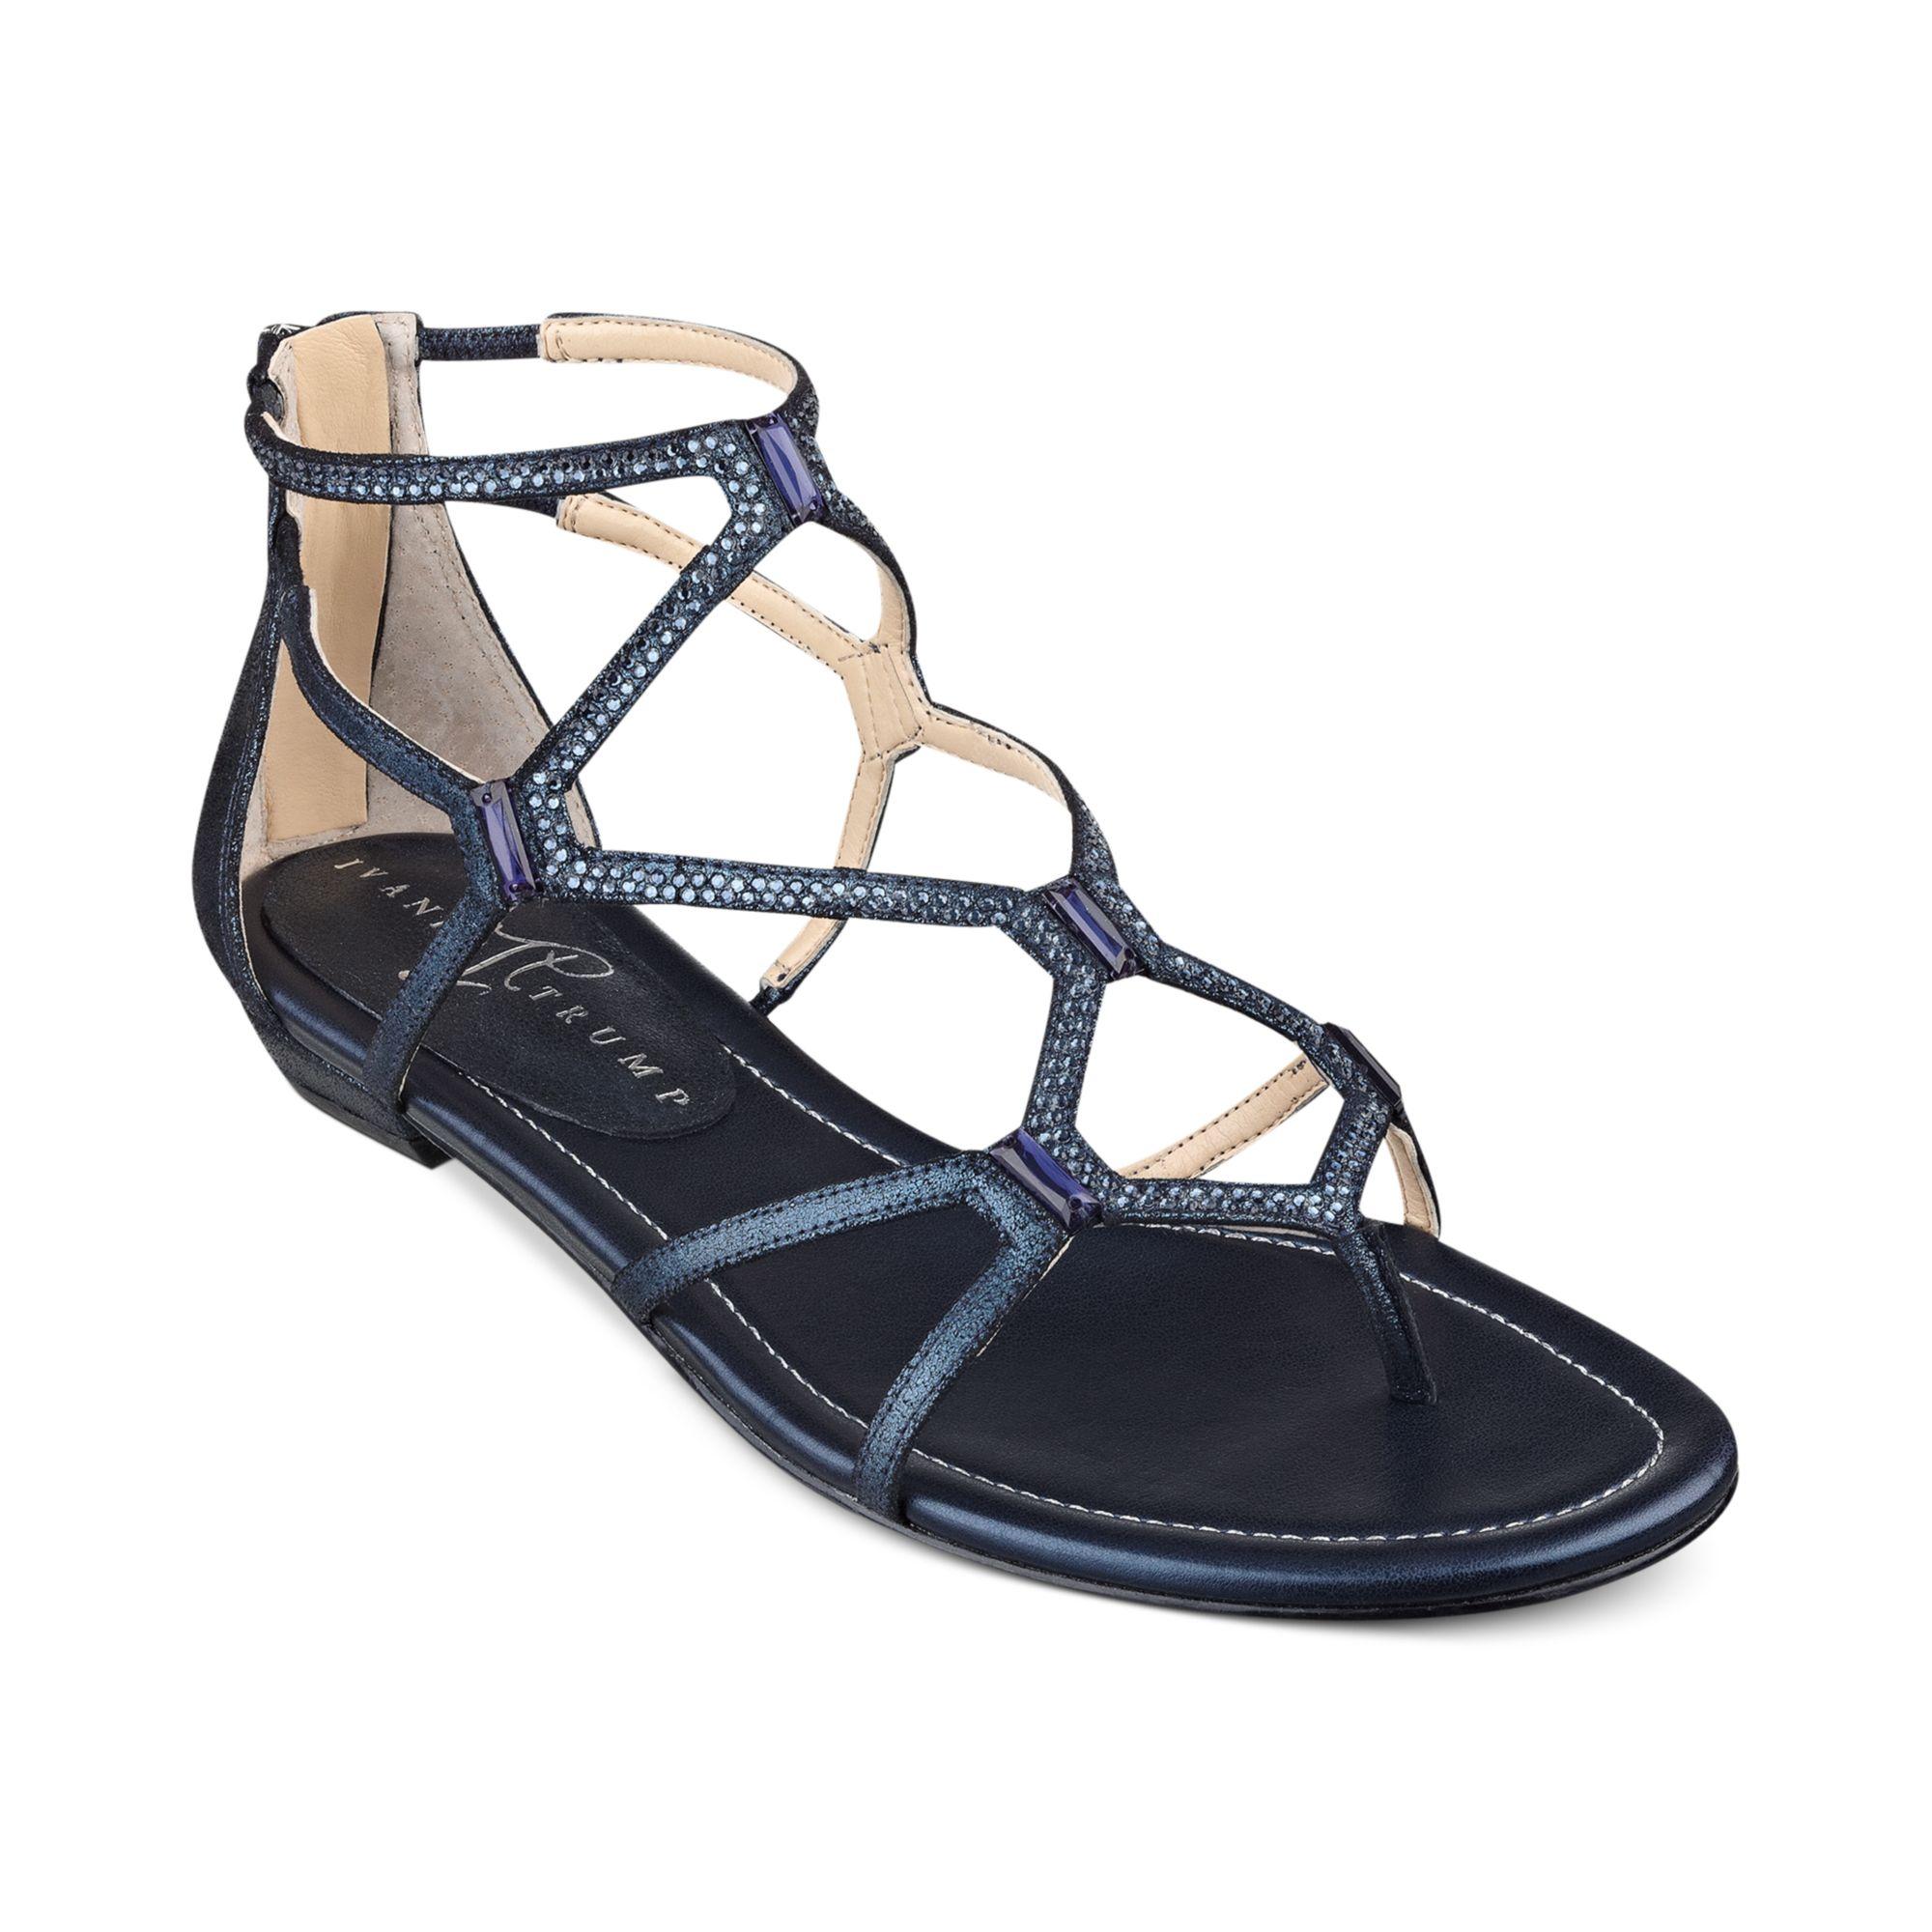 96bb118911b8 Lyst - Ivanka Trump Kalia Flat Sandals in Blue